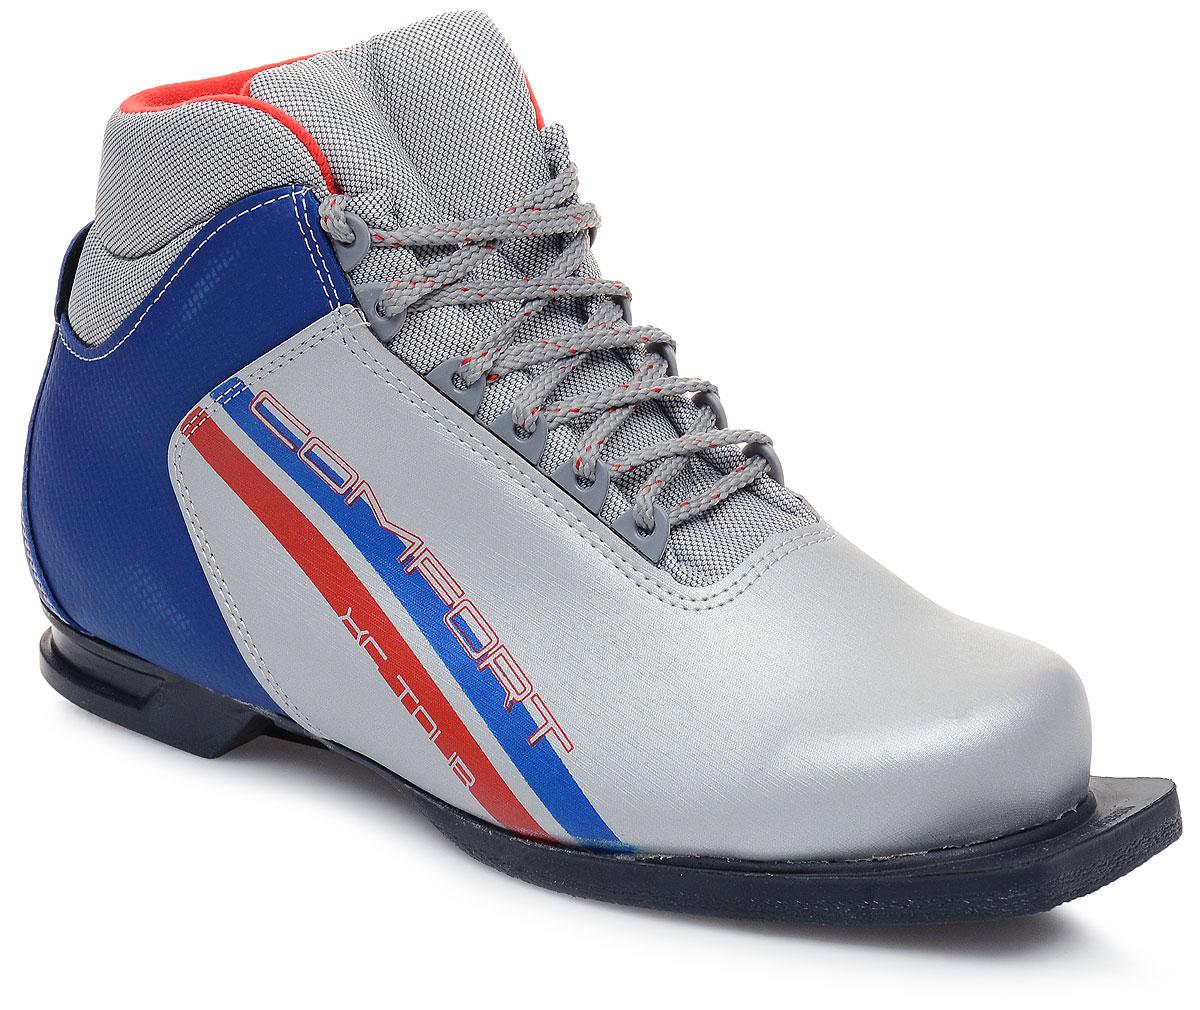 Ботинки лыжные Marax, цвет: серебристый, синий, черный. М350. Размер 44